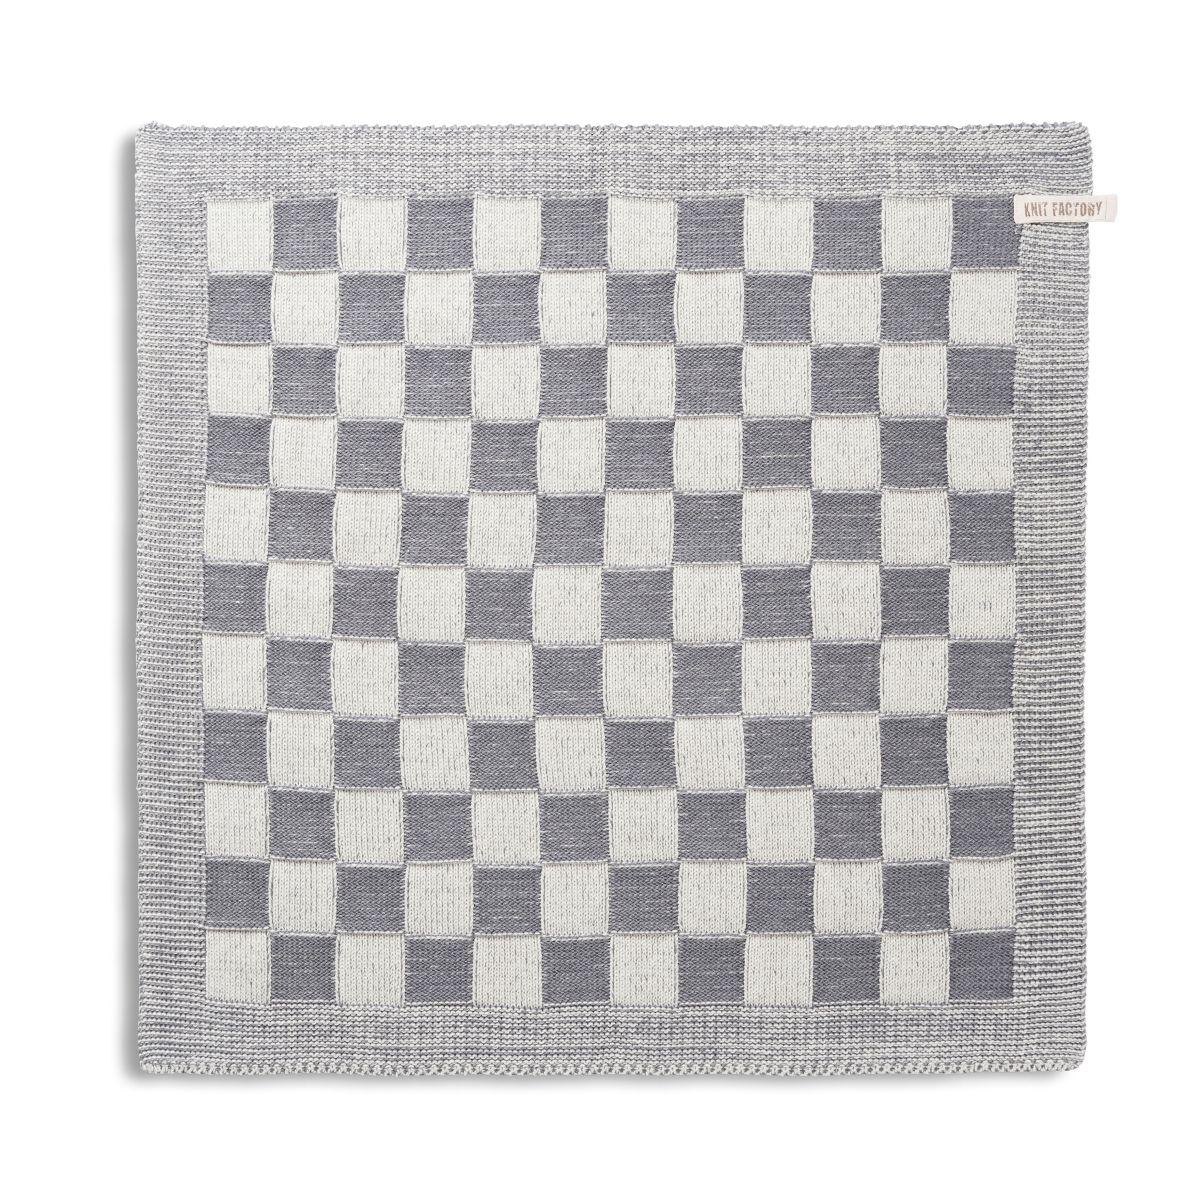 knit factory 2010079 keukendoek grote blok 2 kleuren ecru med grey